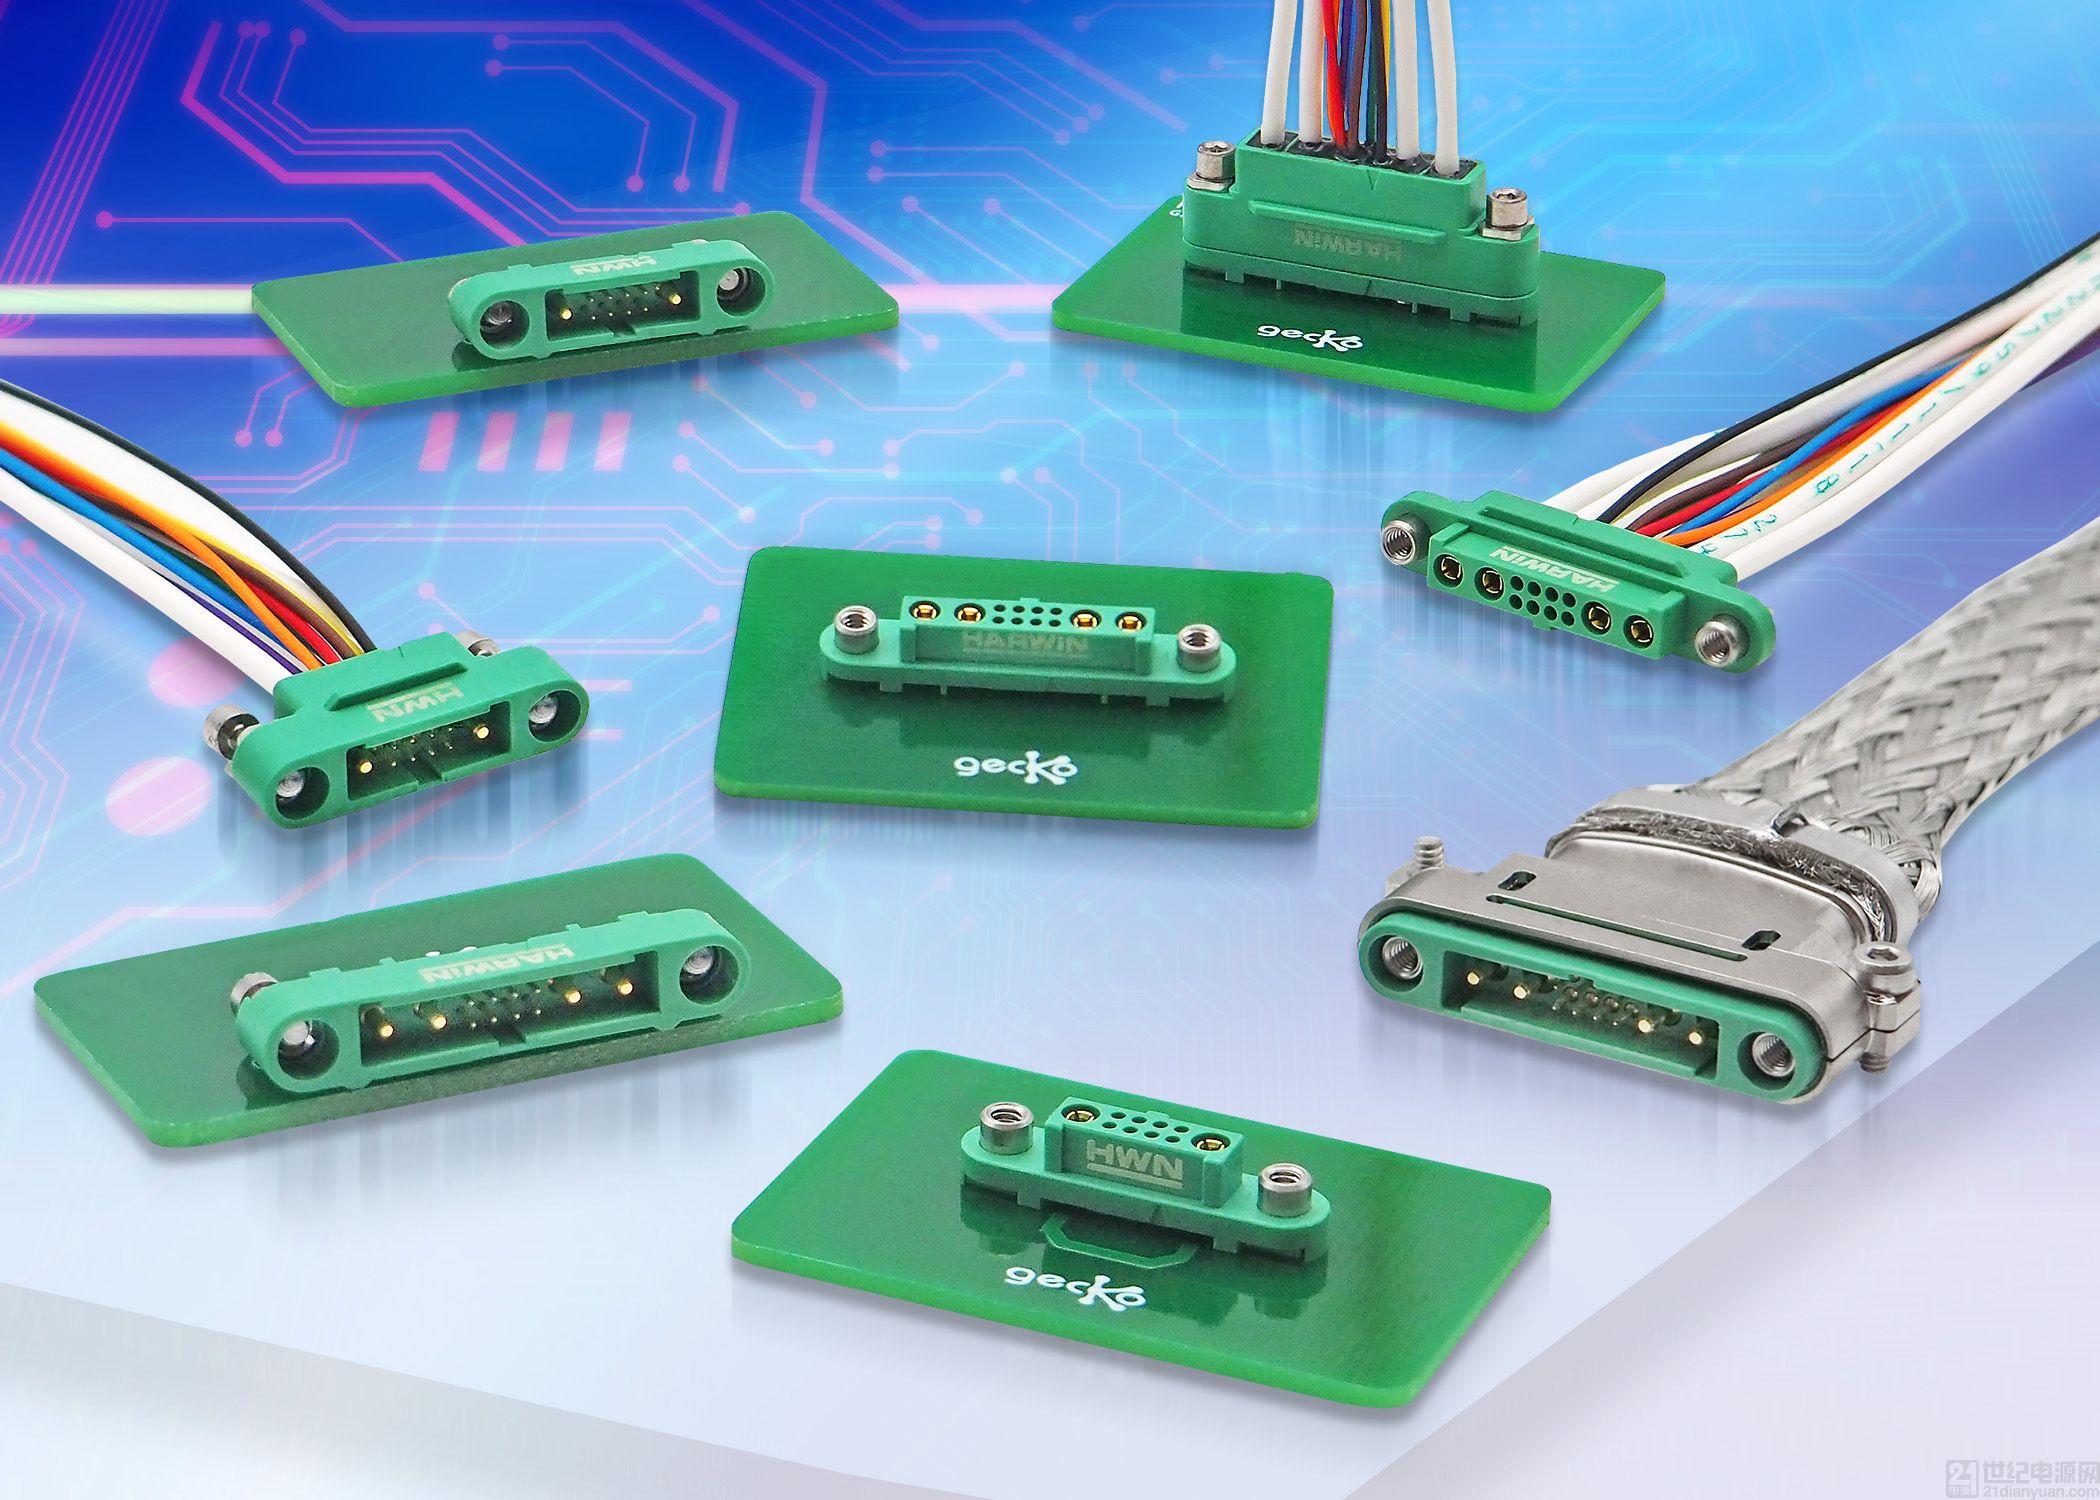 Harwin 能够向业界提供迄今为止体积最小、重量最轻的混合布局连接器